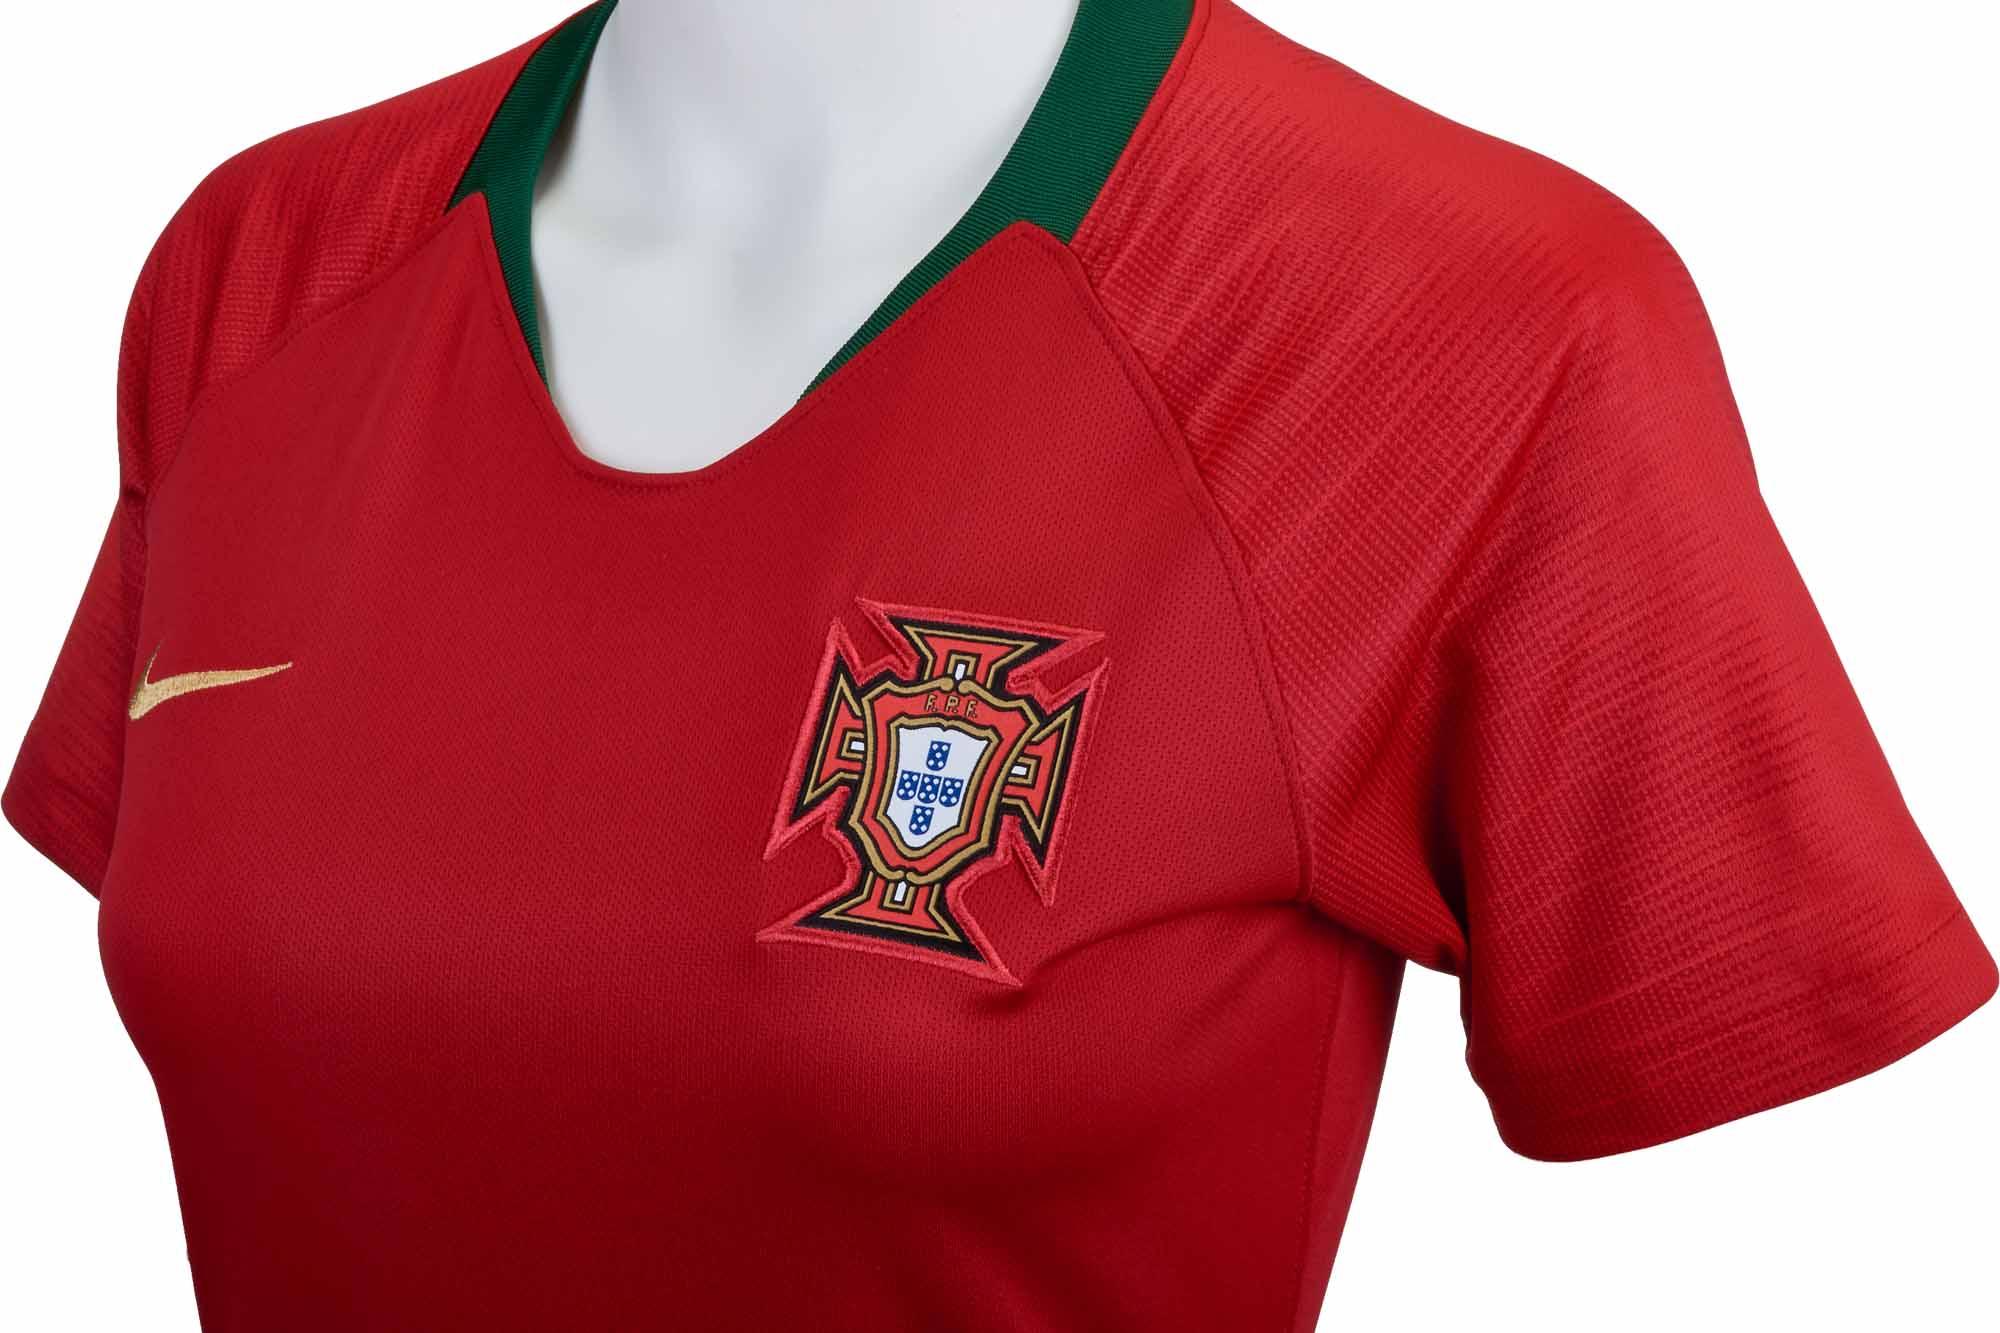 26fb00d725a portugal toddler jersey - allusionsstl.com